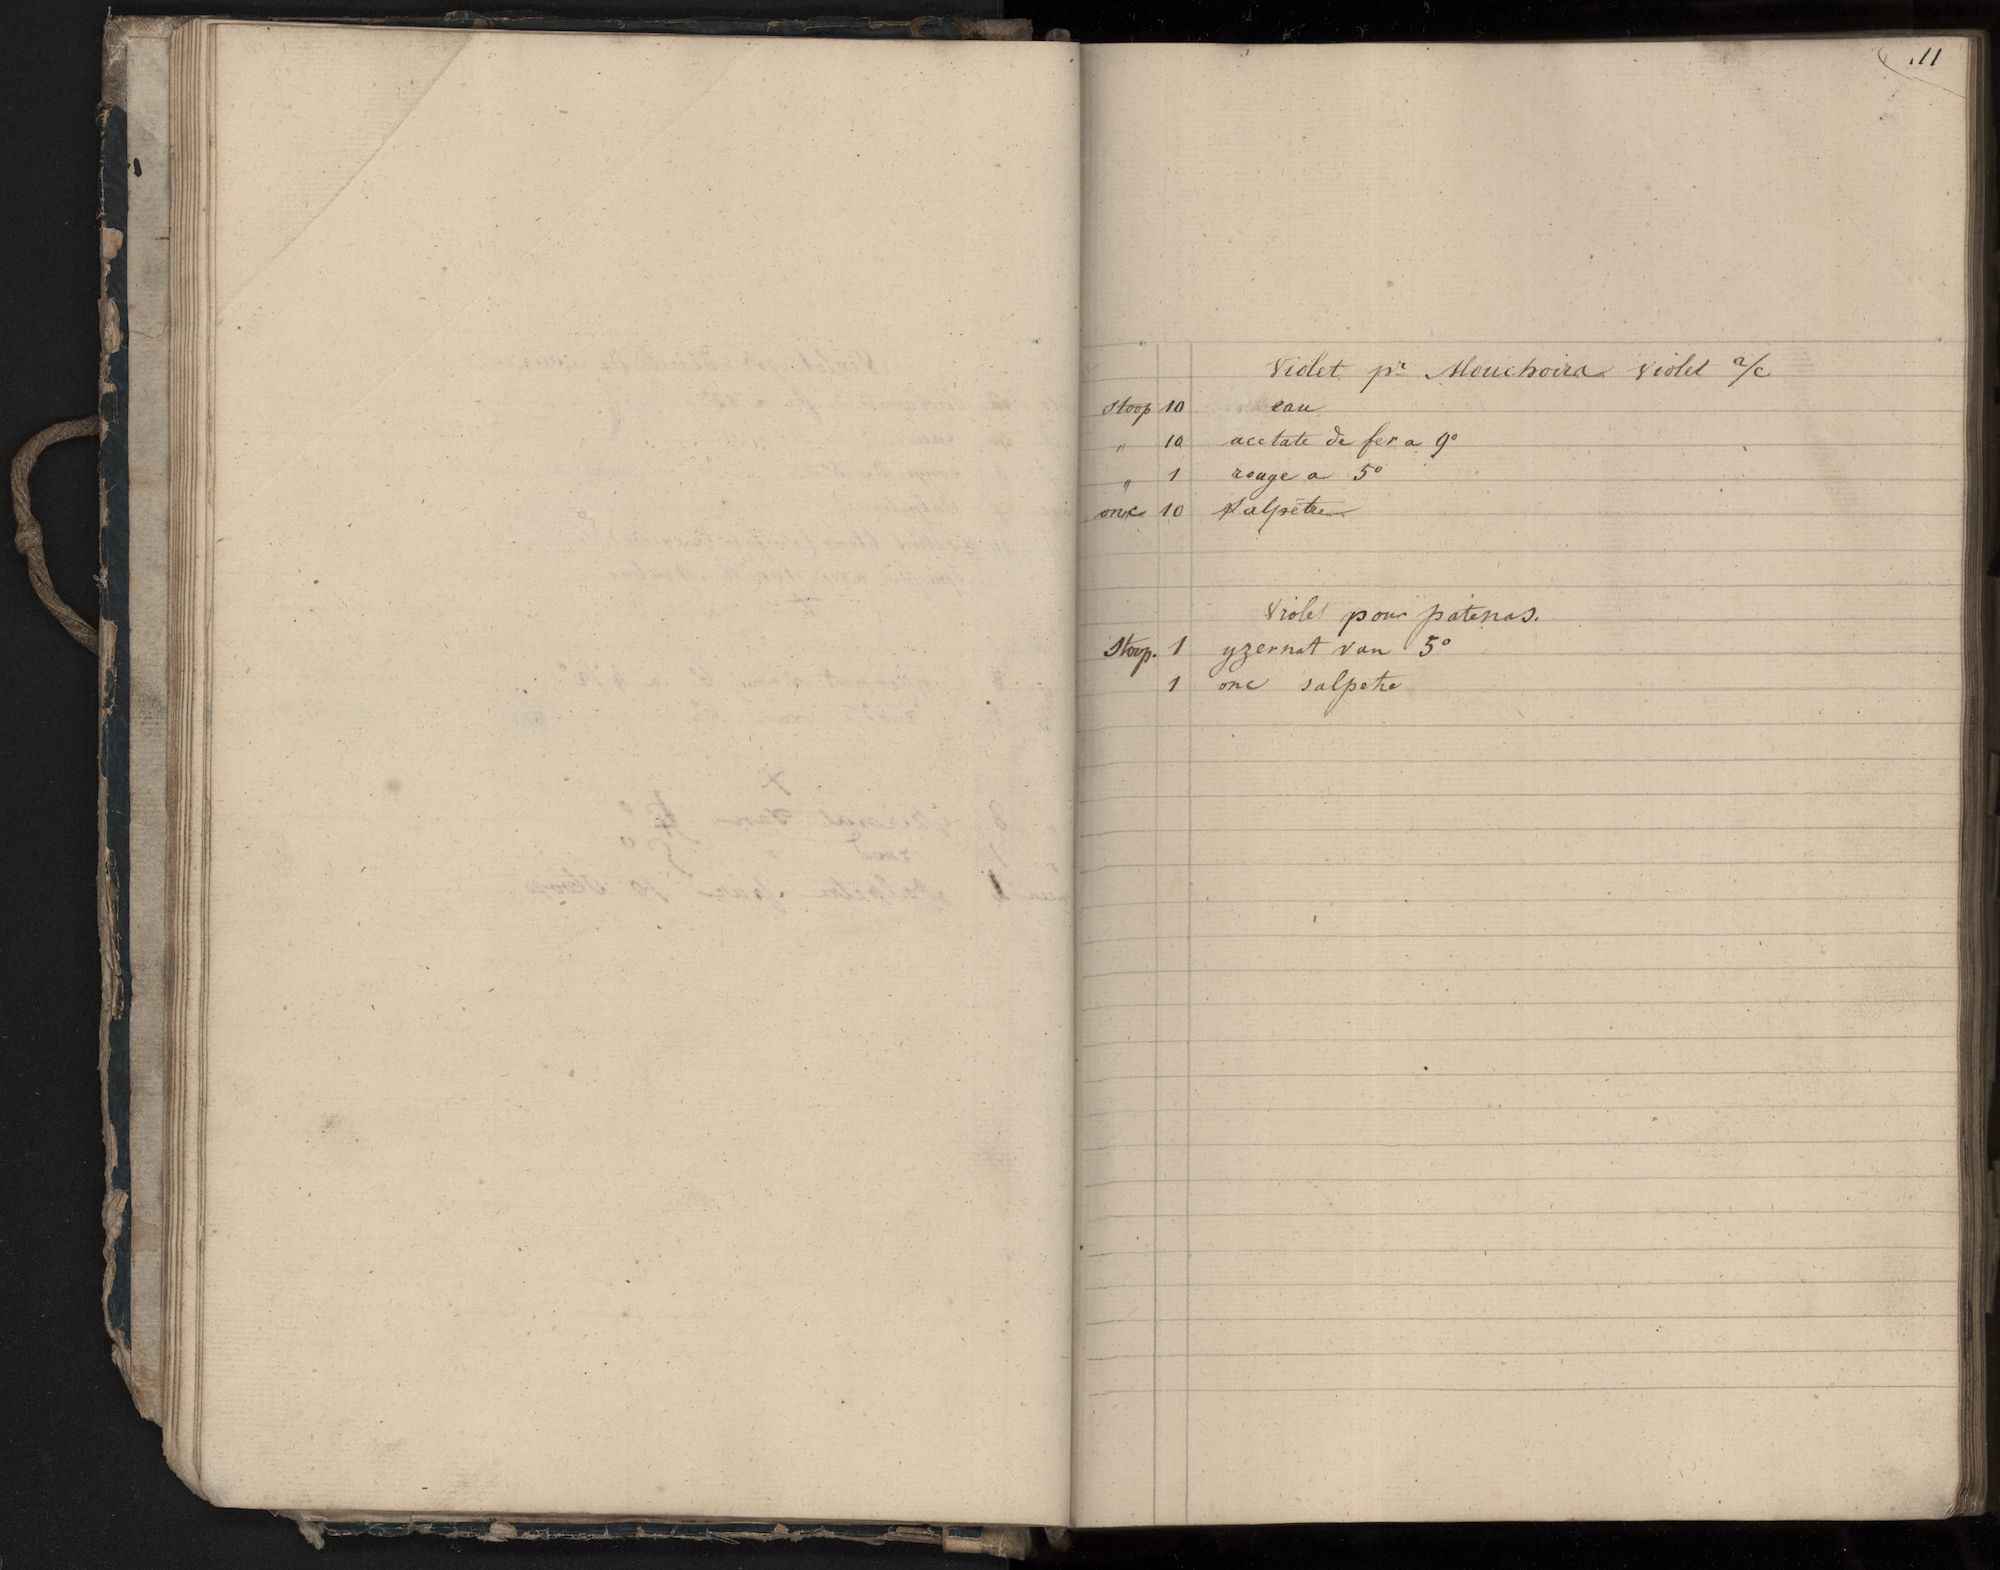 Fabricatieboek Voortman, nr. 447